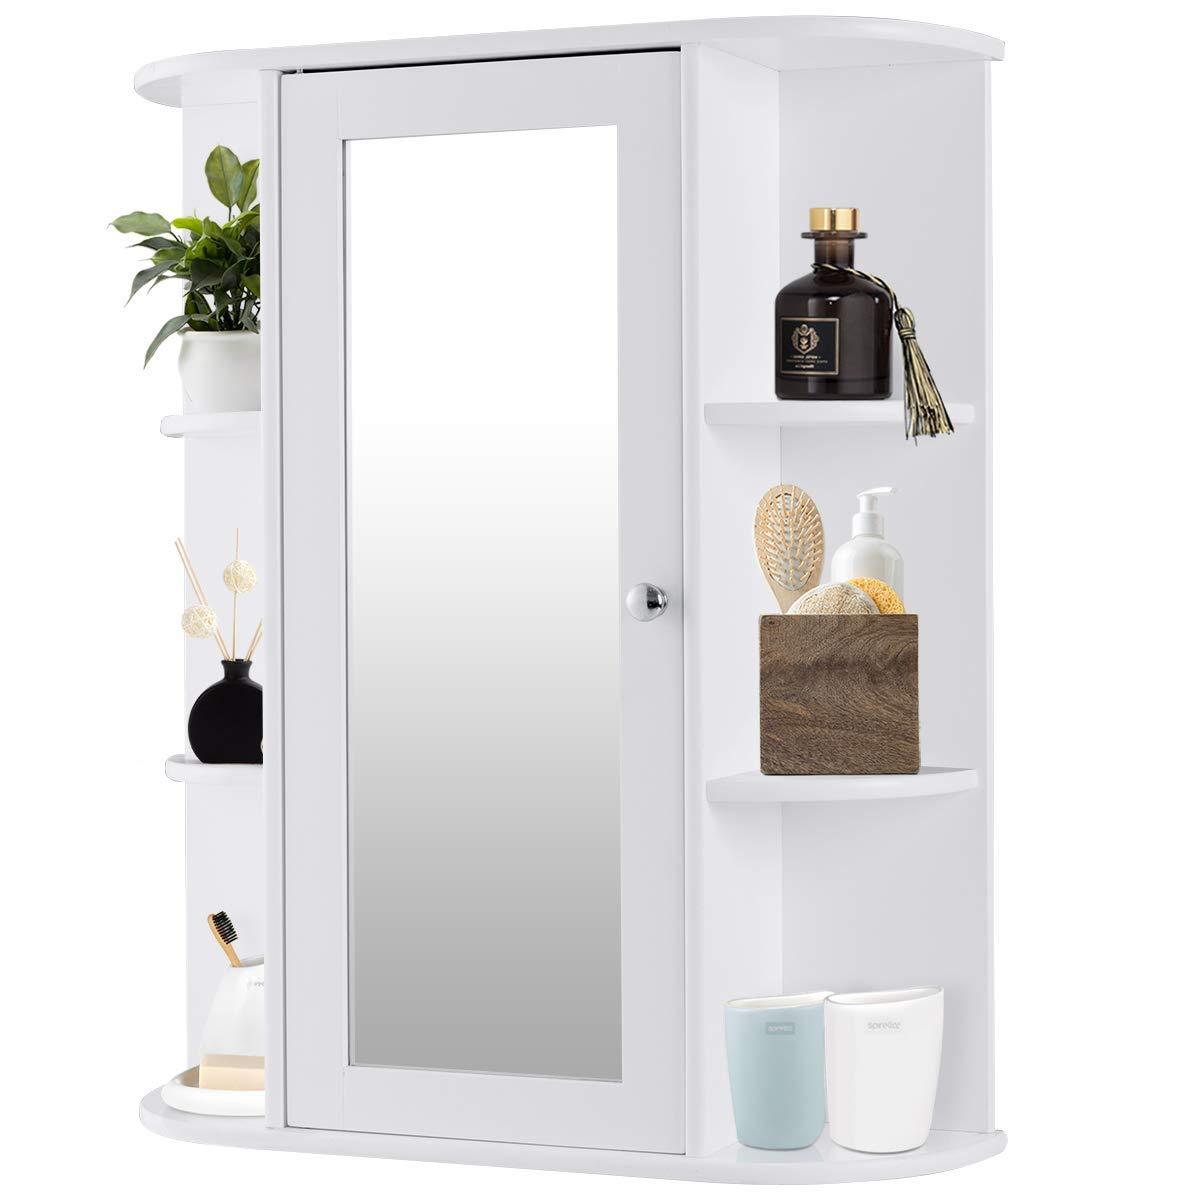 Bathroom Cabinet Amazon